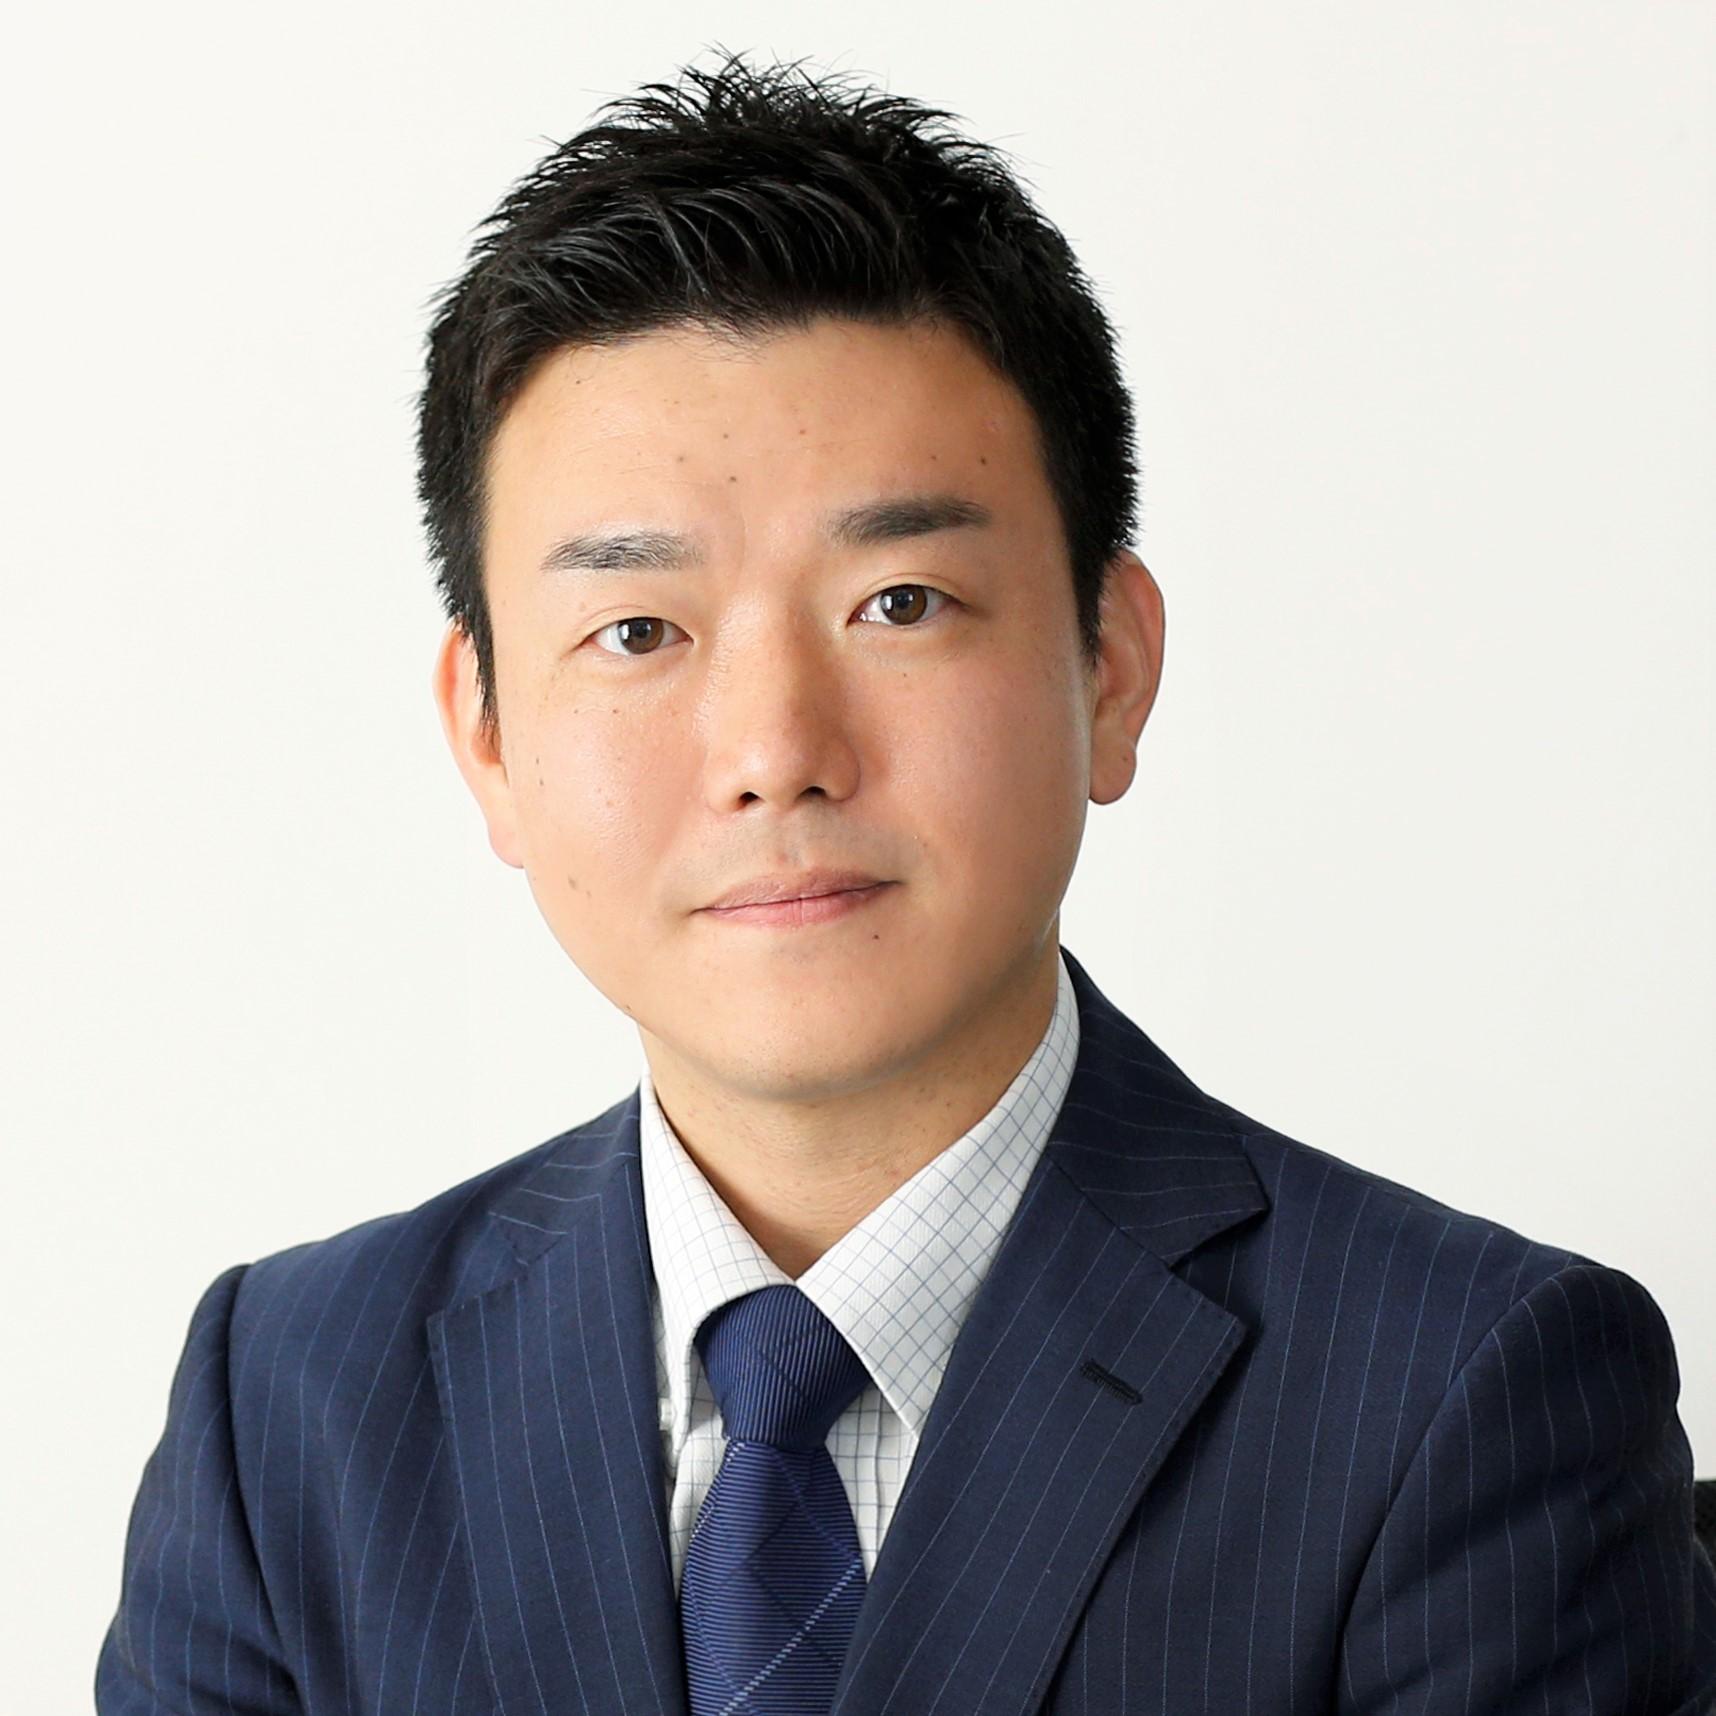 安藤 翔 | 大阪中小企業診断士会